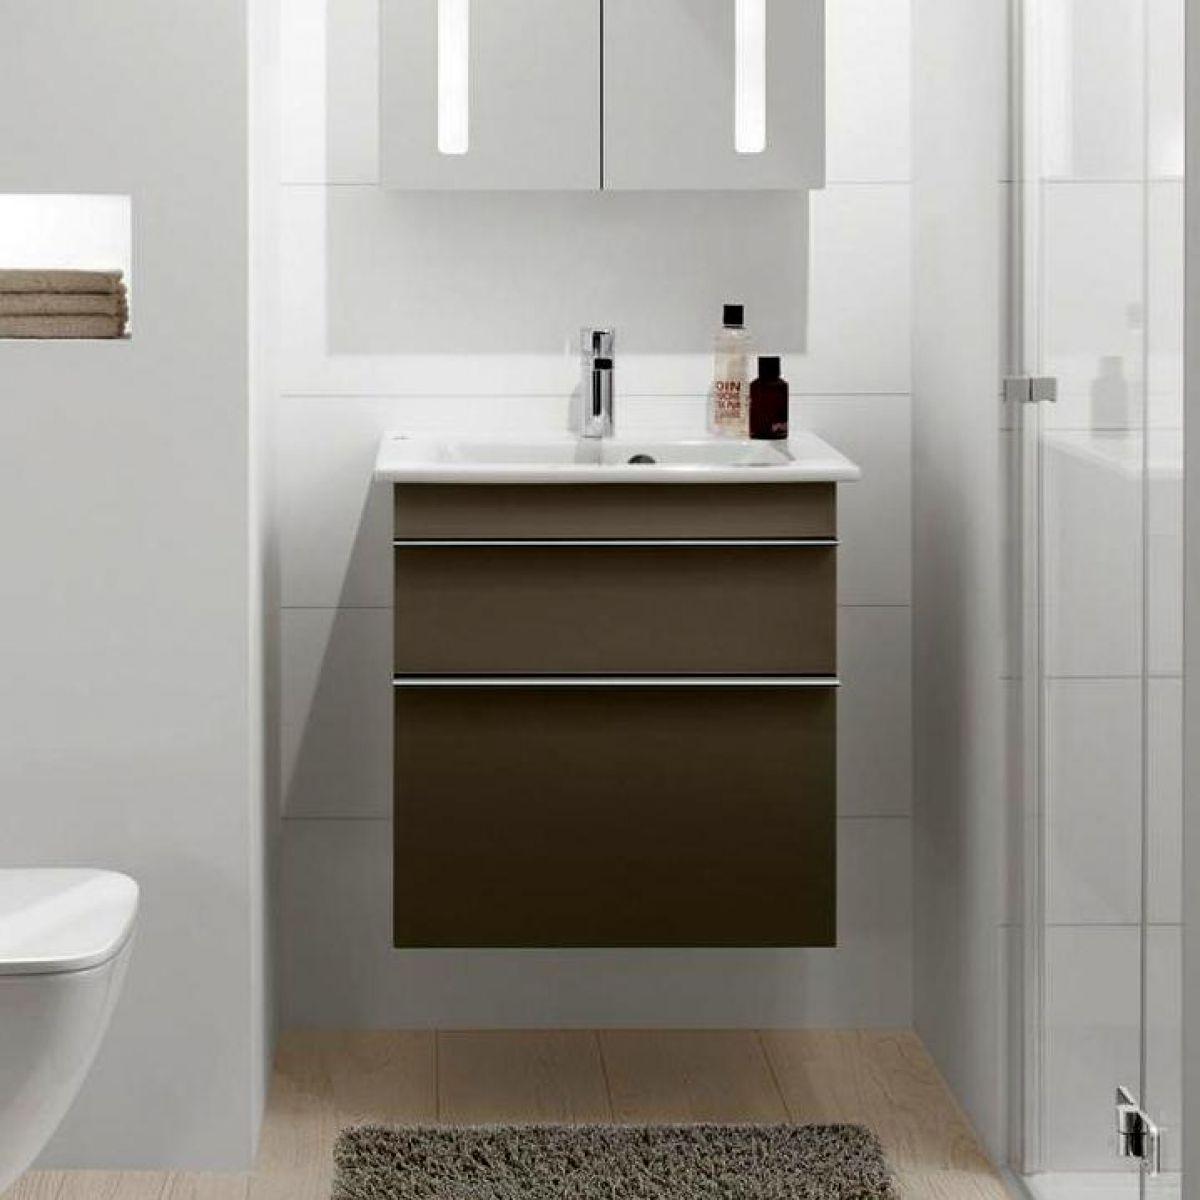 Villeroy and boch bathroom cabinets -  Villeroy Boch Venticello 2 Drawer Vanity